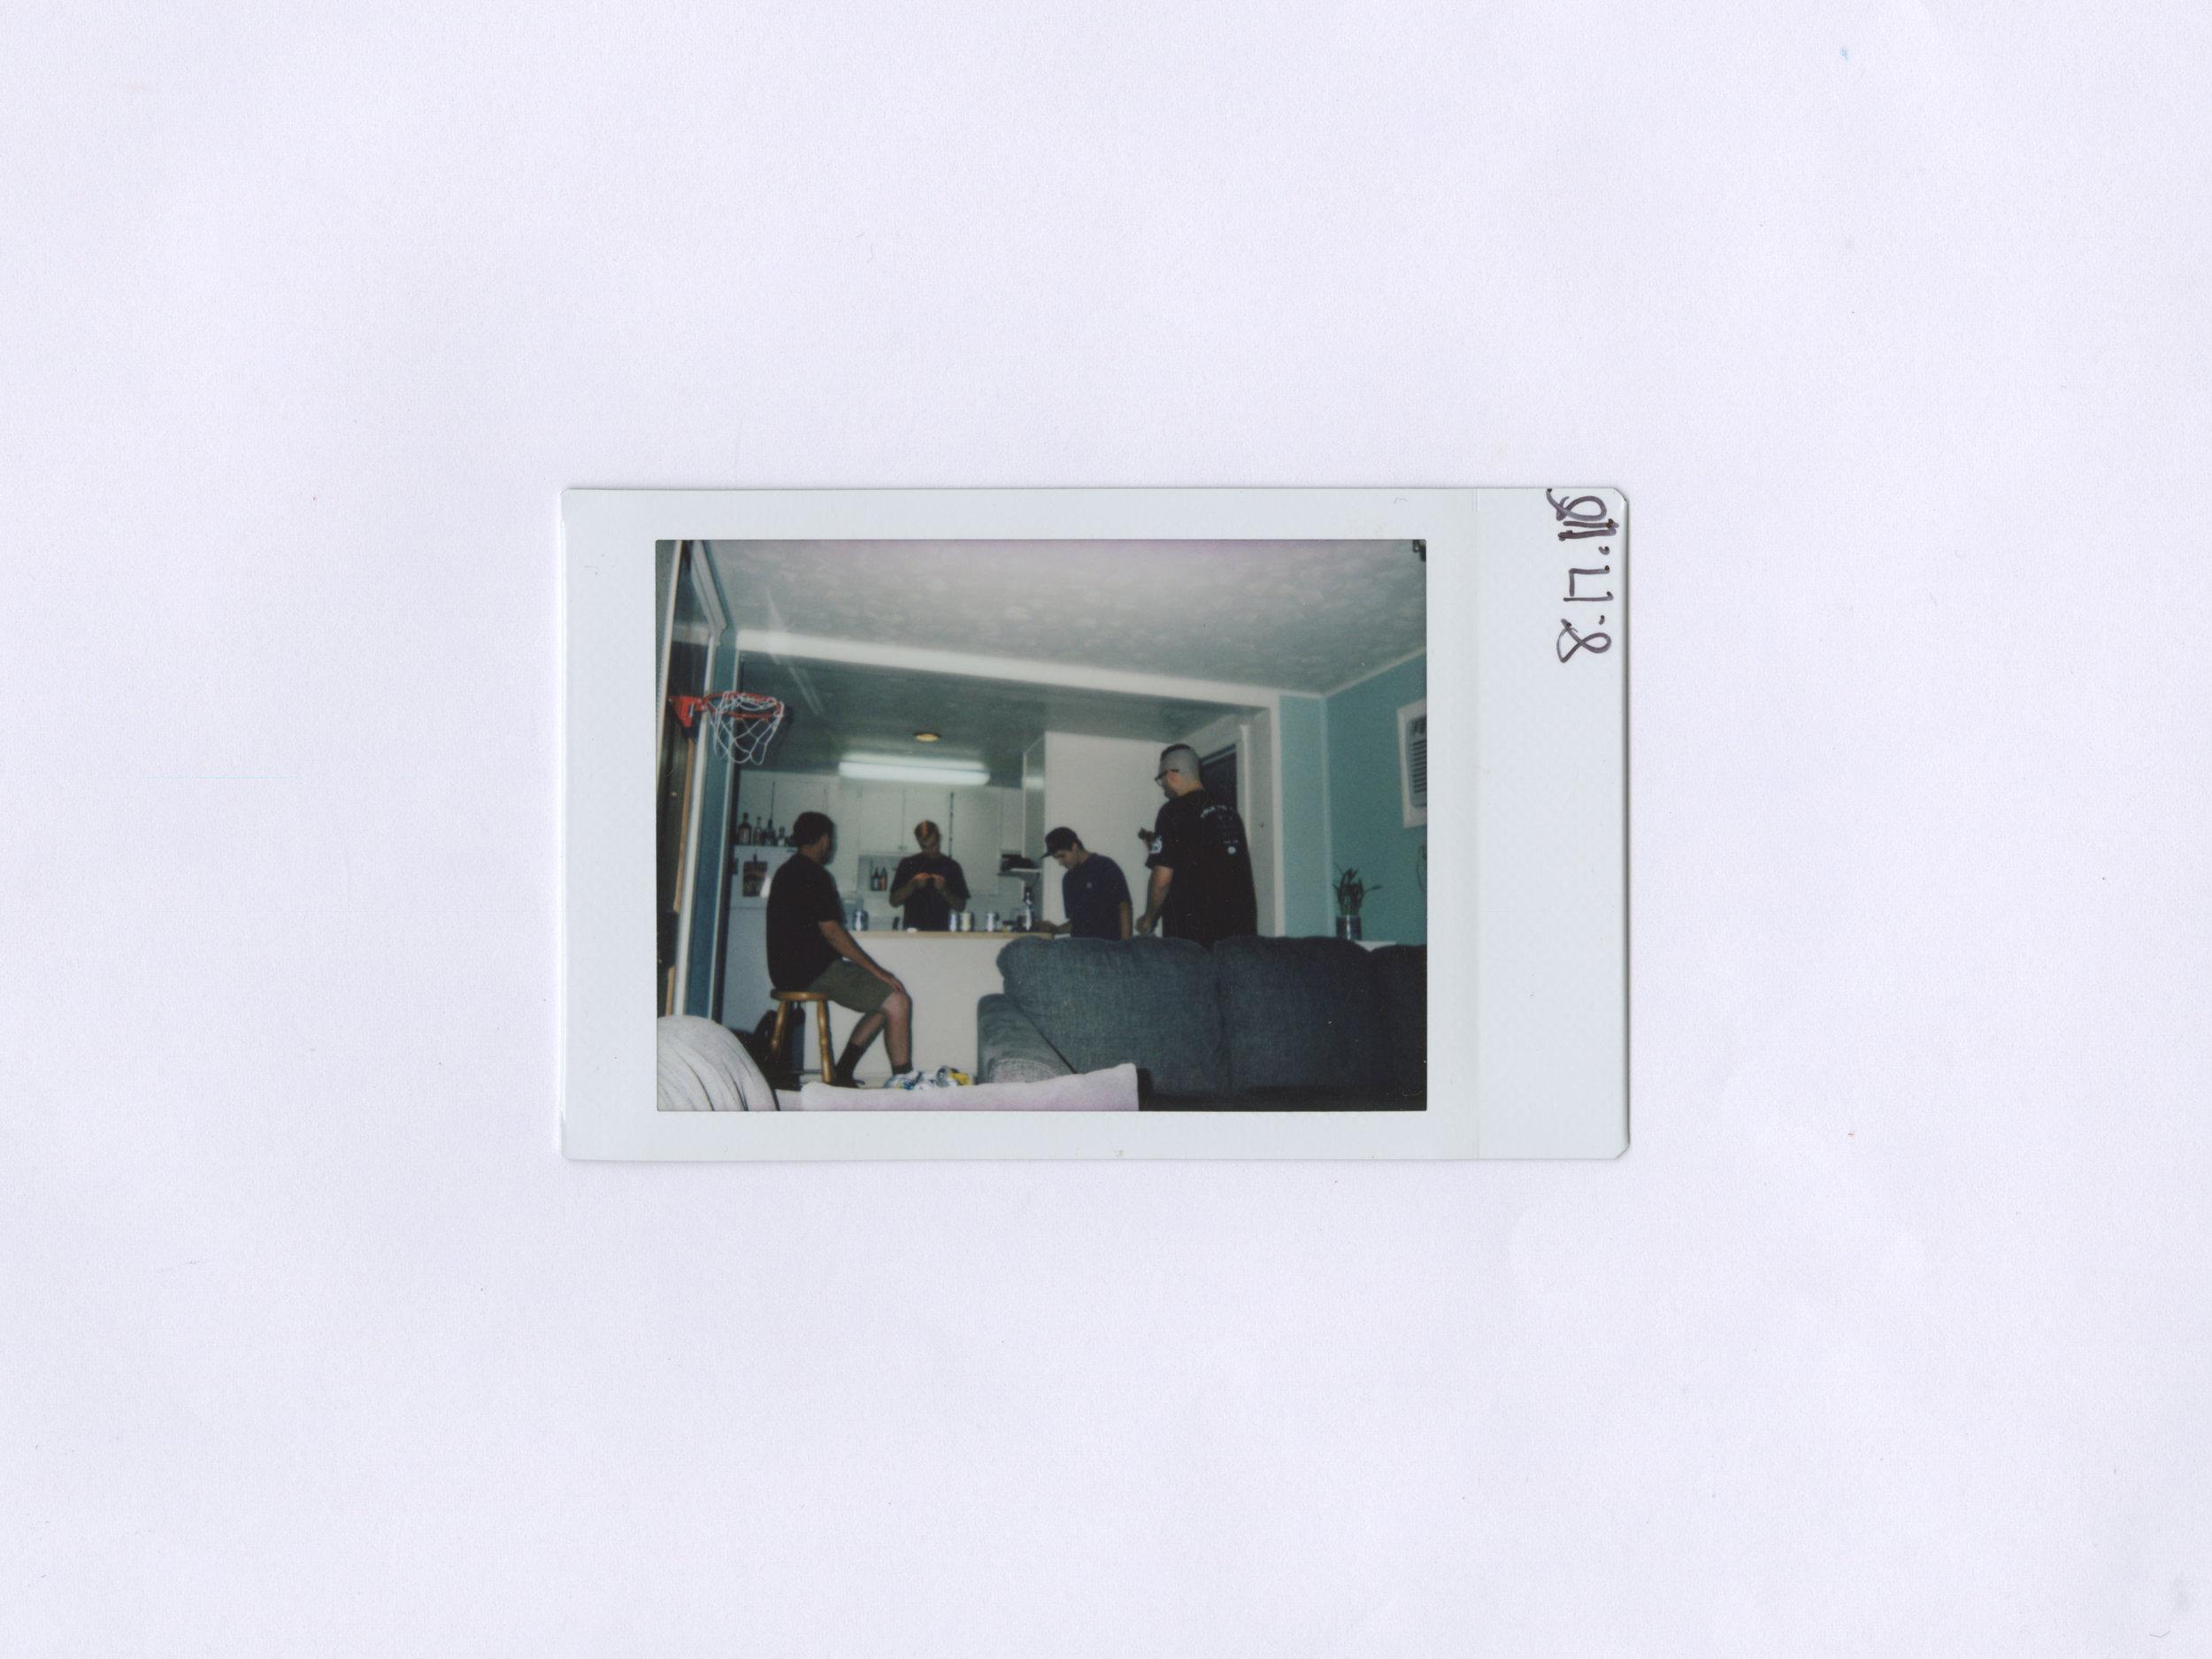 8.17.18B.jpg